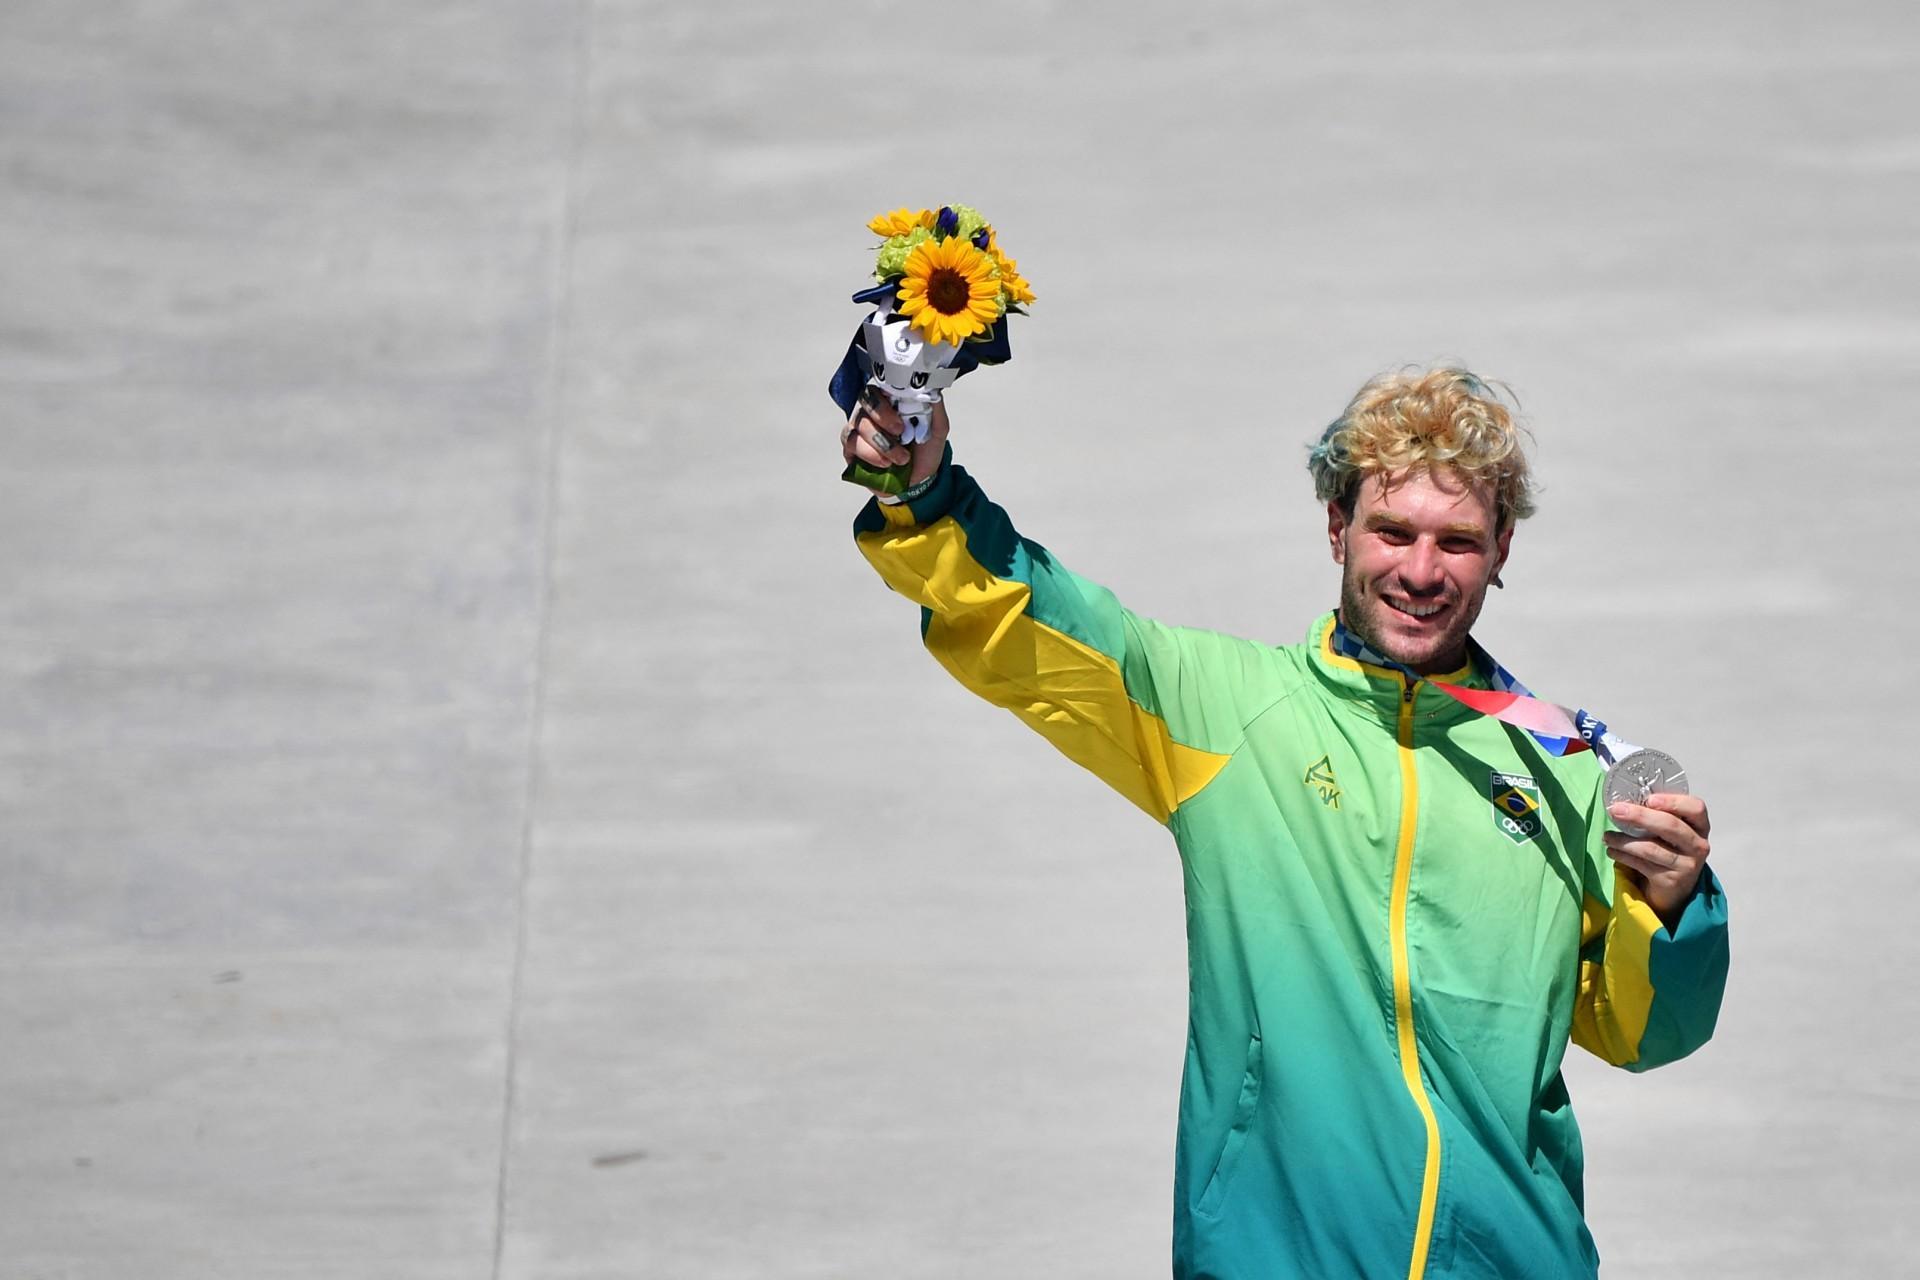 Pedro Barros com a medalha de prata no skate park nas Olimpíadas de Tóquio 2020